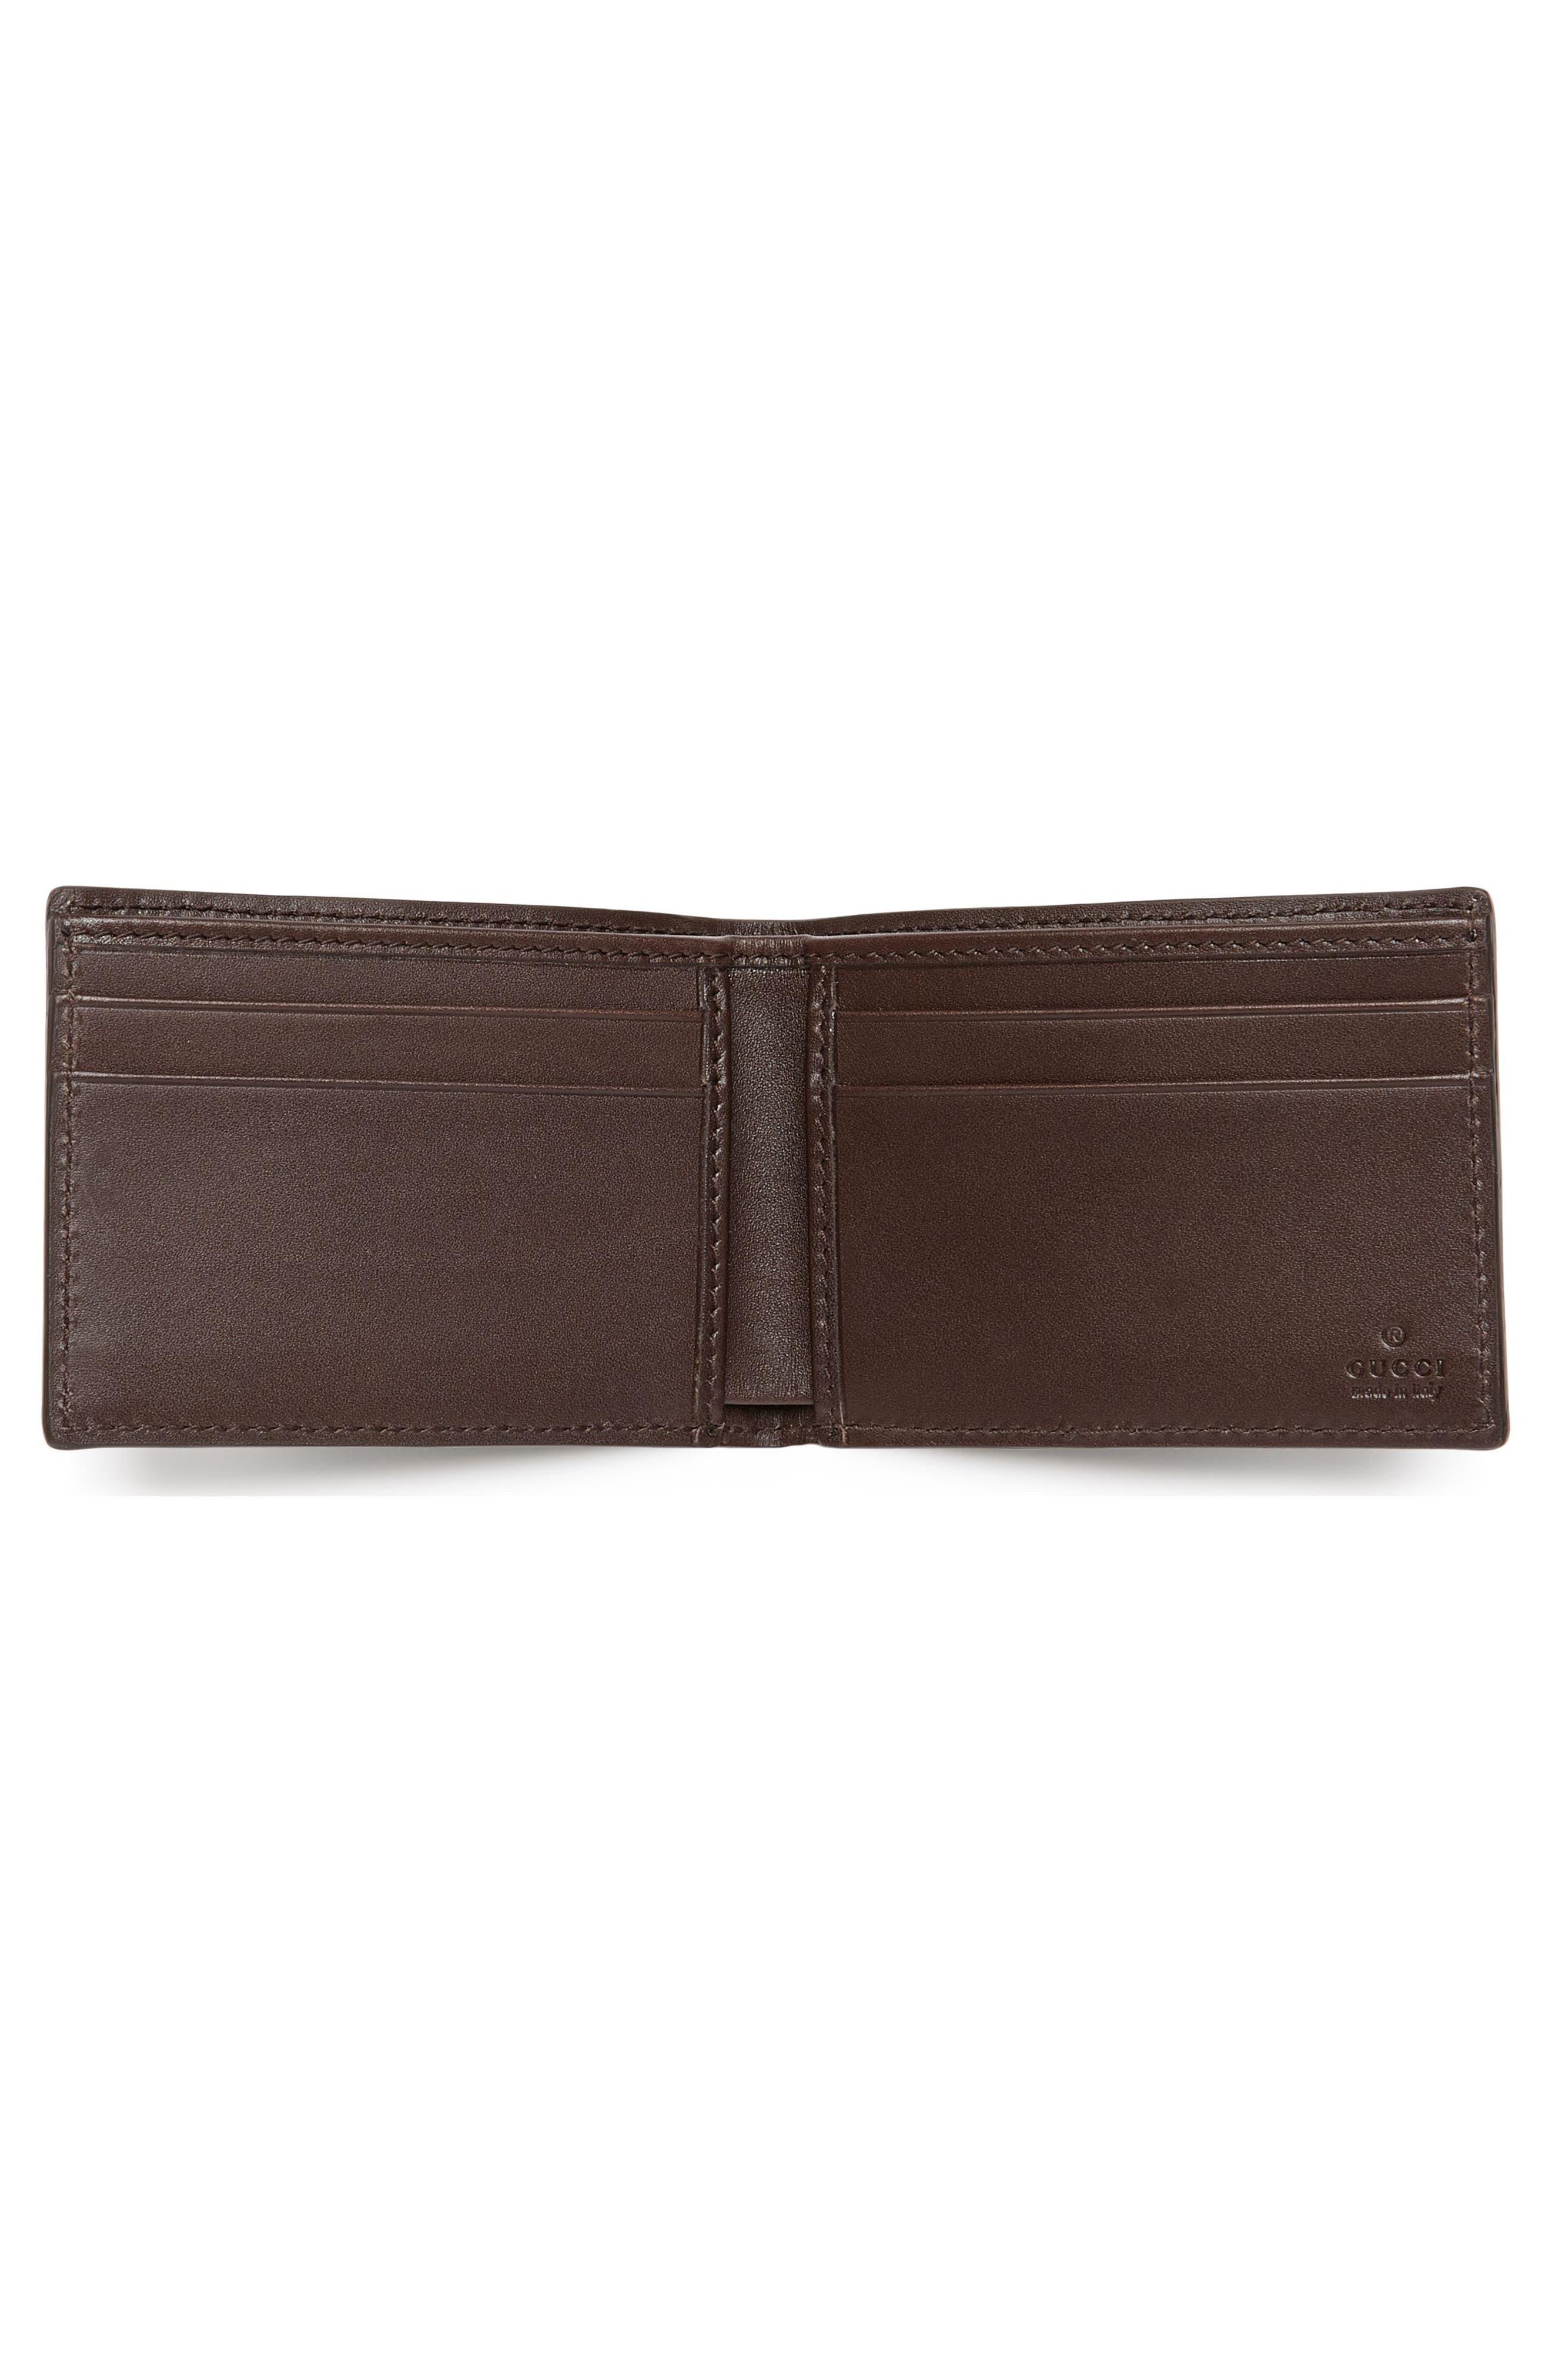 Avel Wallet,                             Alternate thumbnail 6, color,